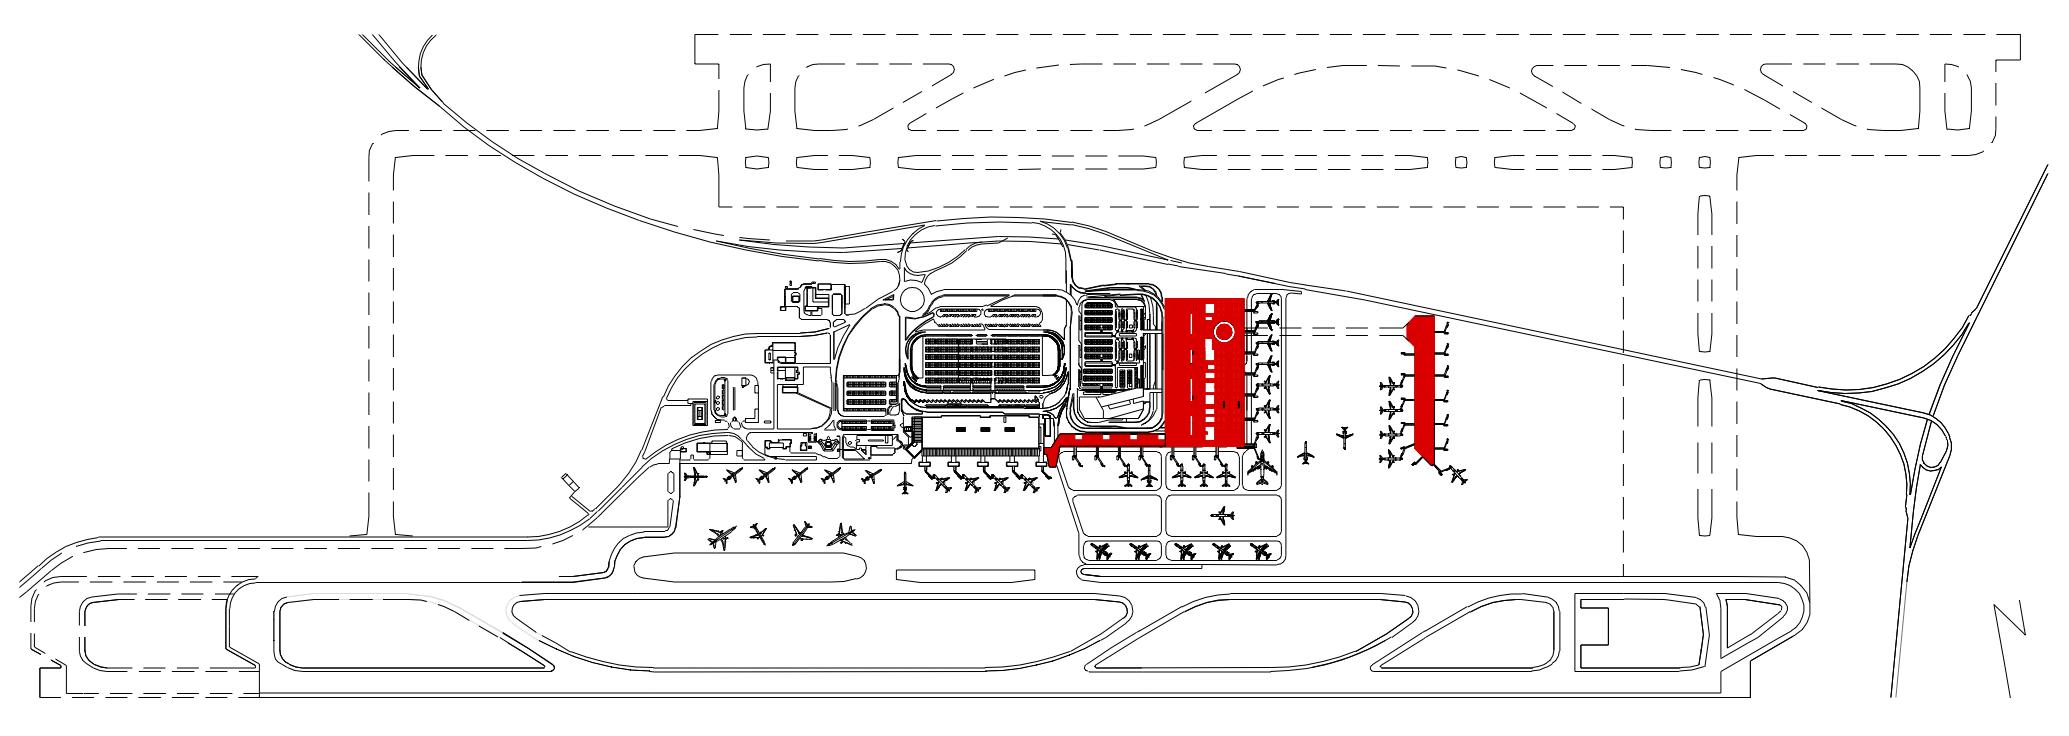 Concurso para la ampliación del aeropuerto de Alicante | Imagen de proyecto3